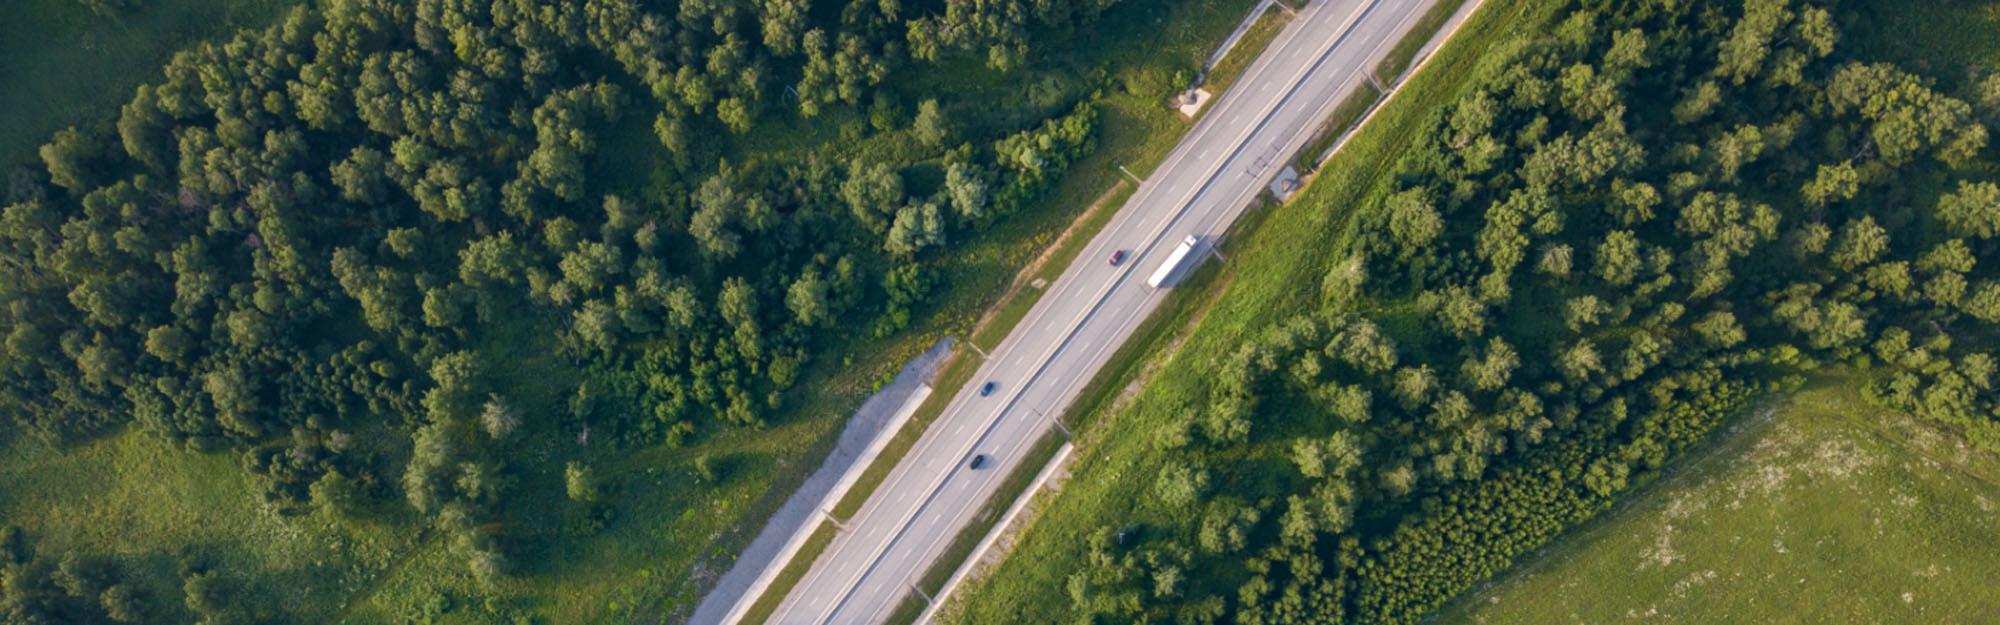 Aerial of highway